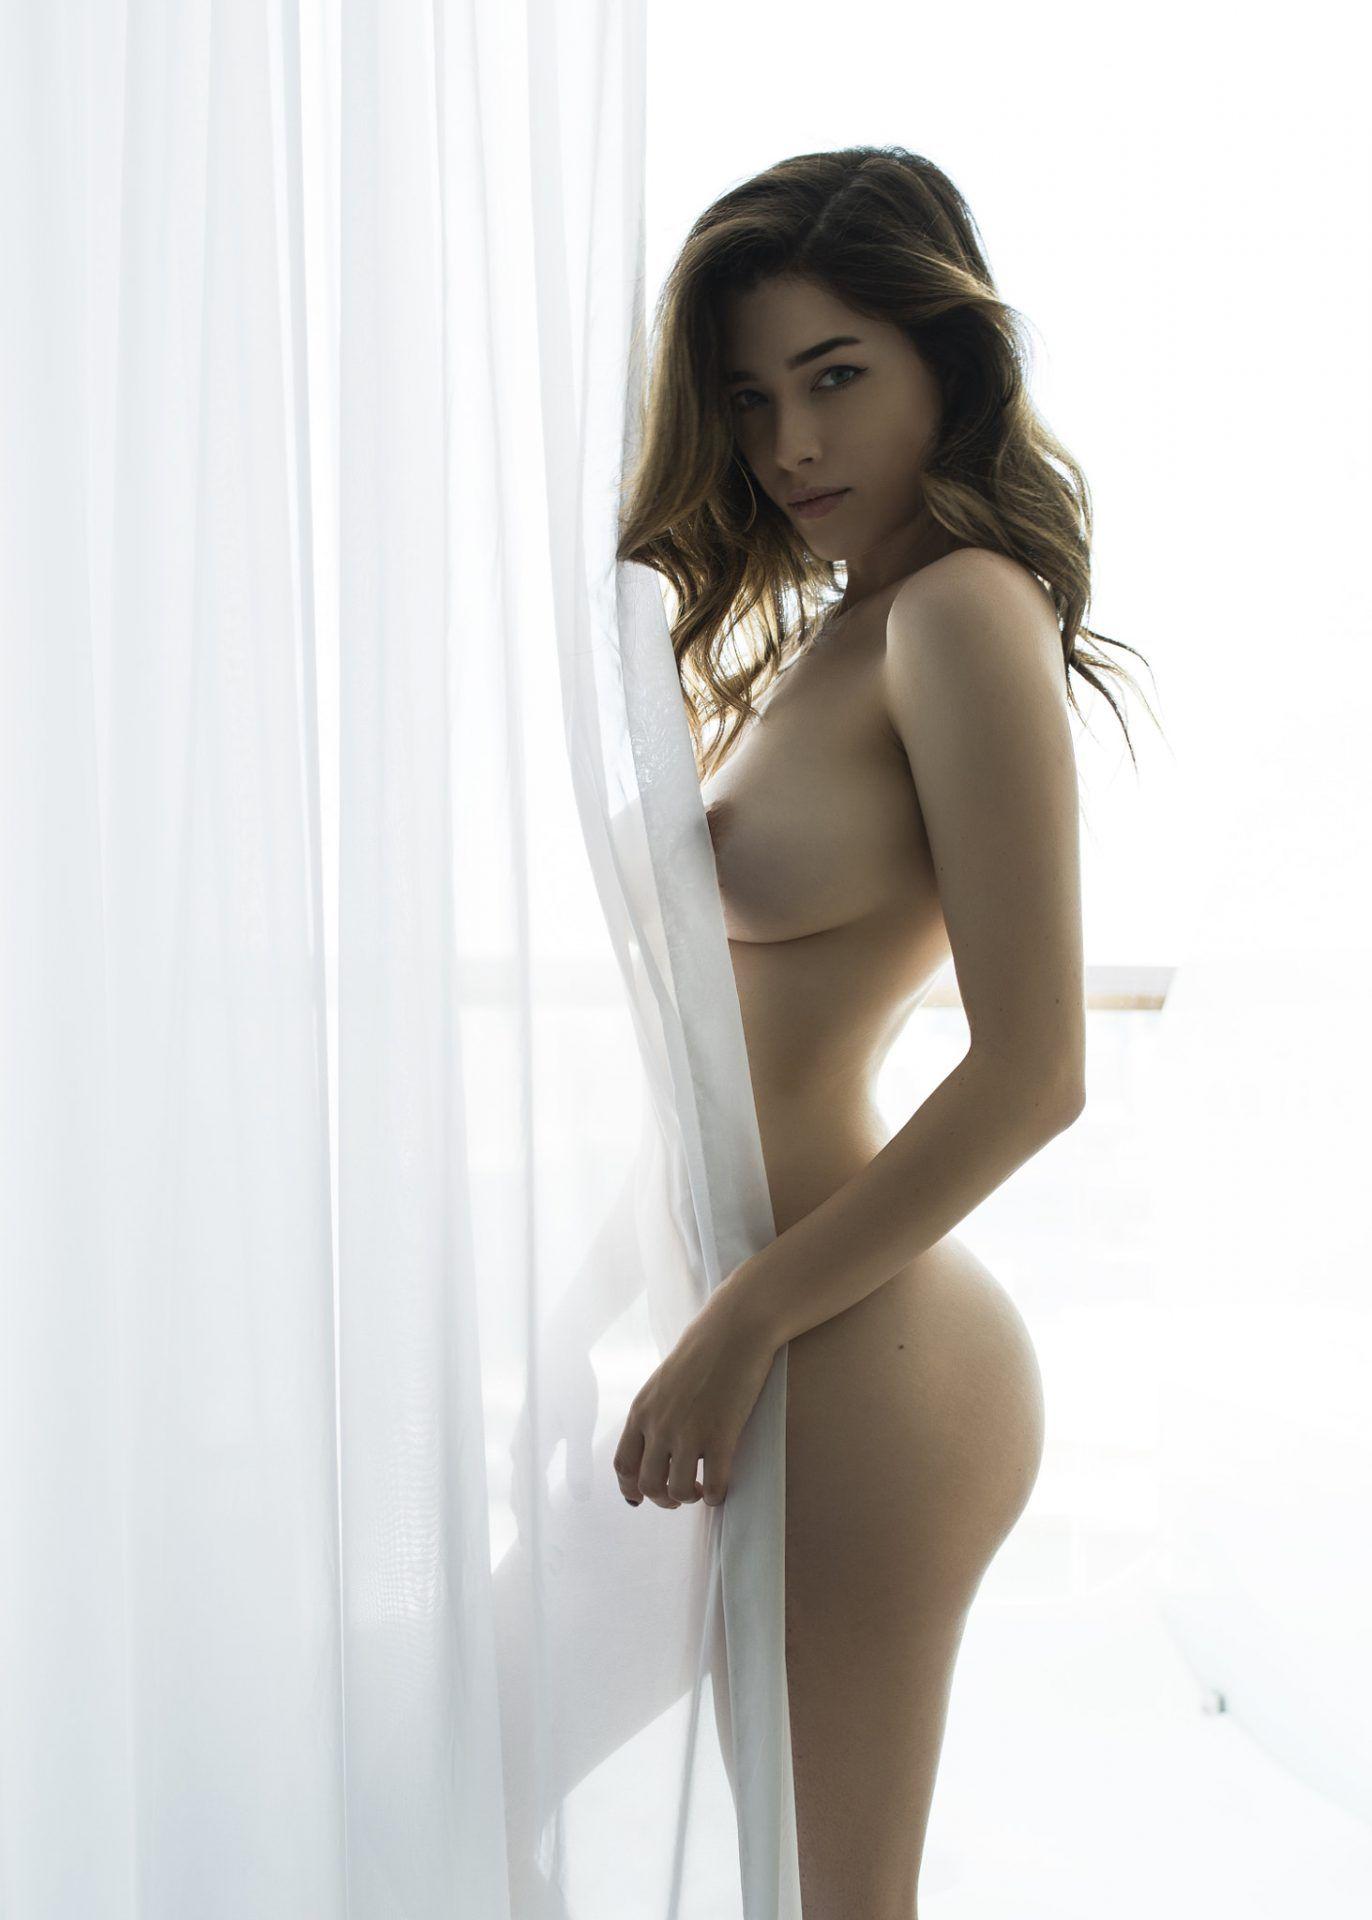 lauren-velez-body-nude